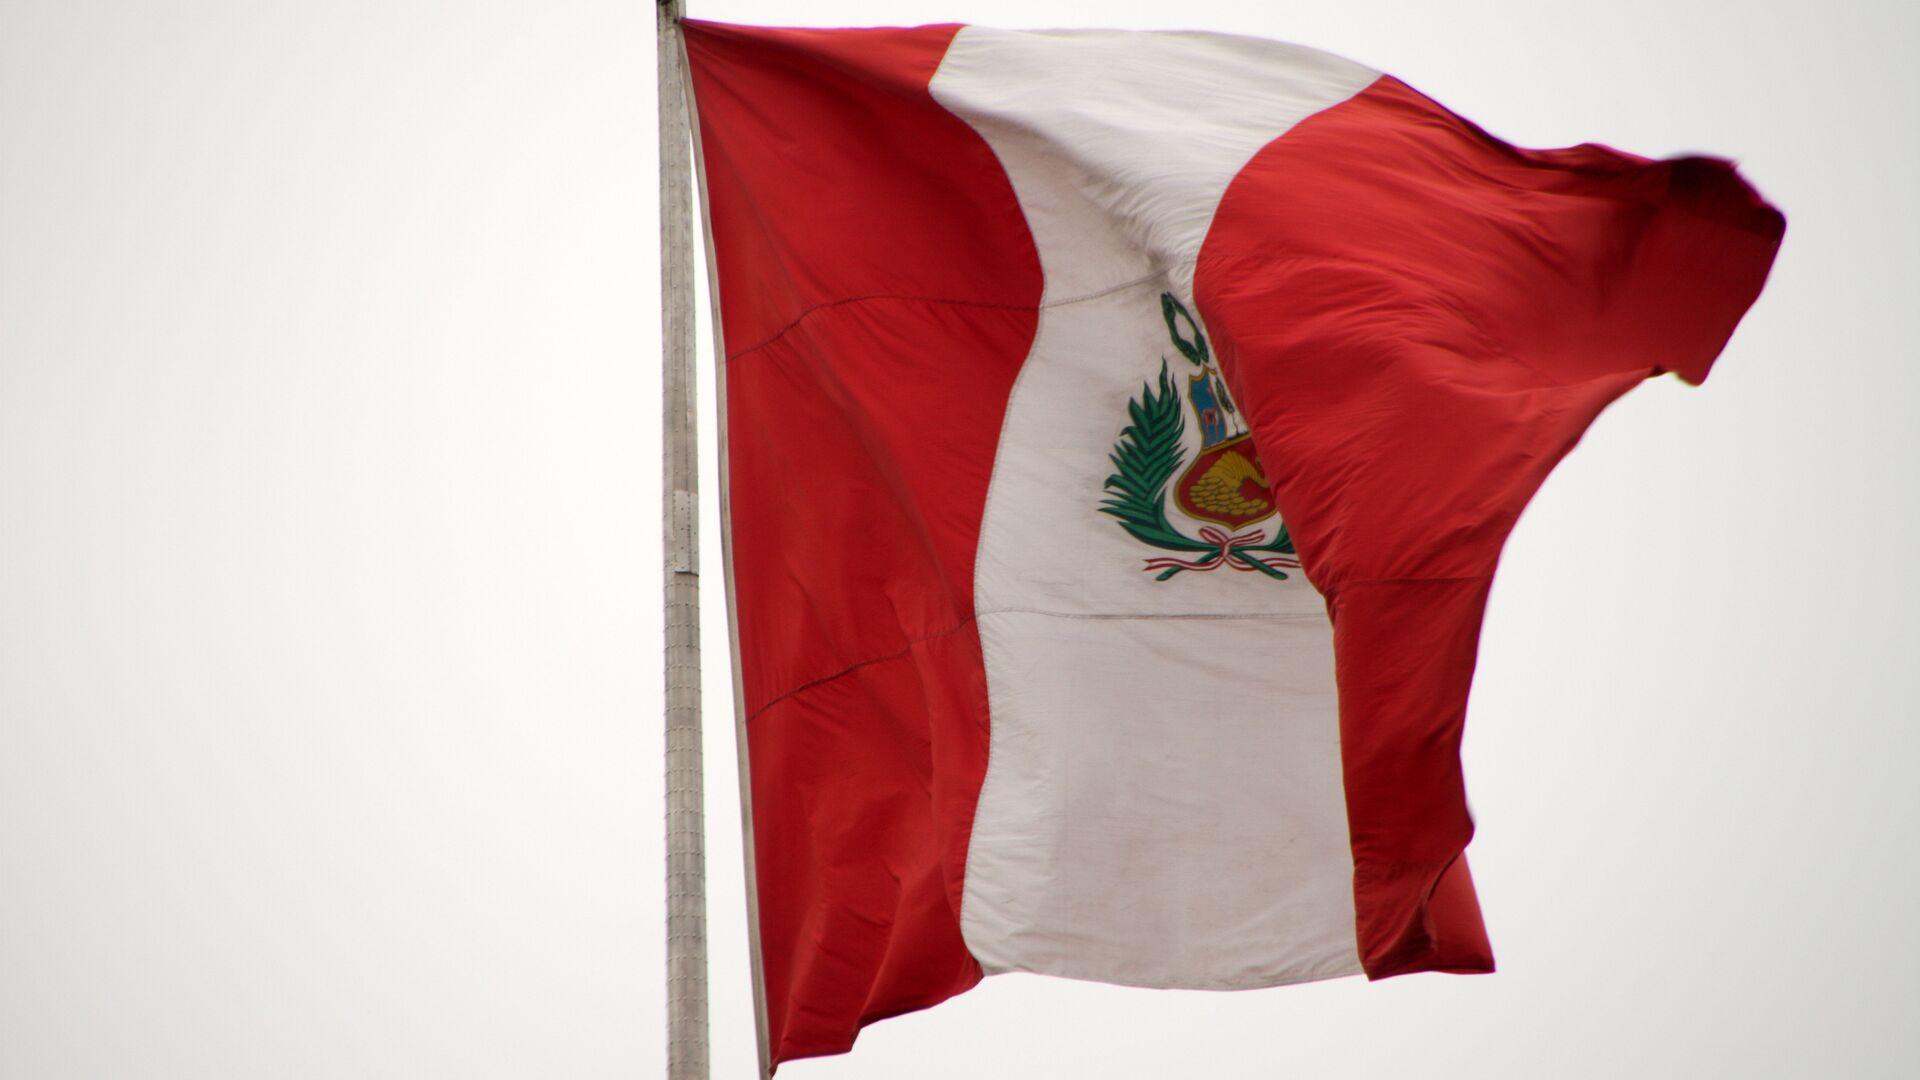 La bandera de Perú - Sputnik Mundo, 1920, 27.05.2021